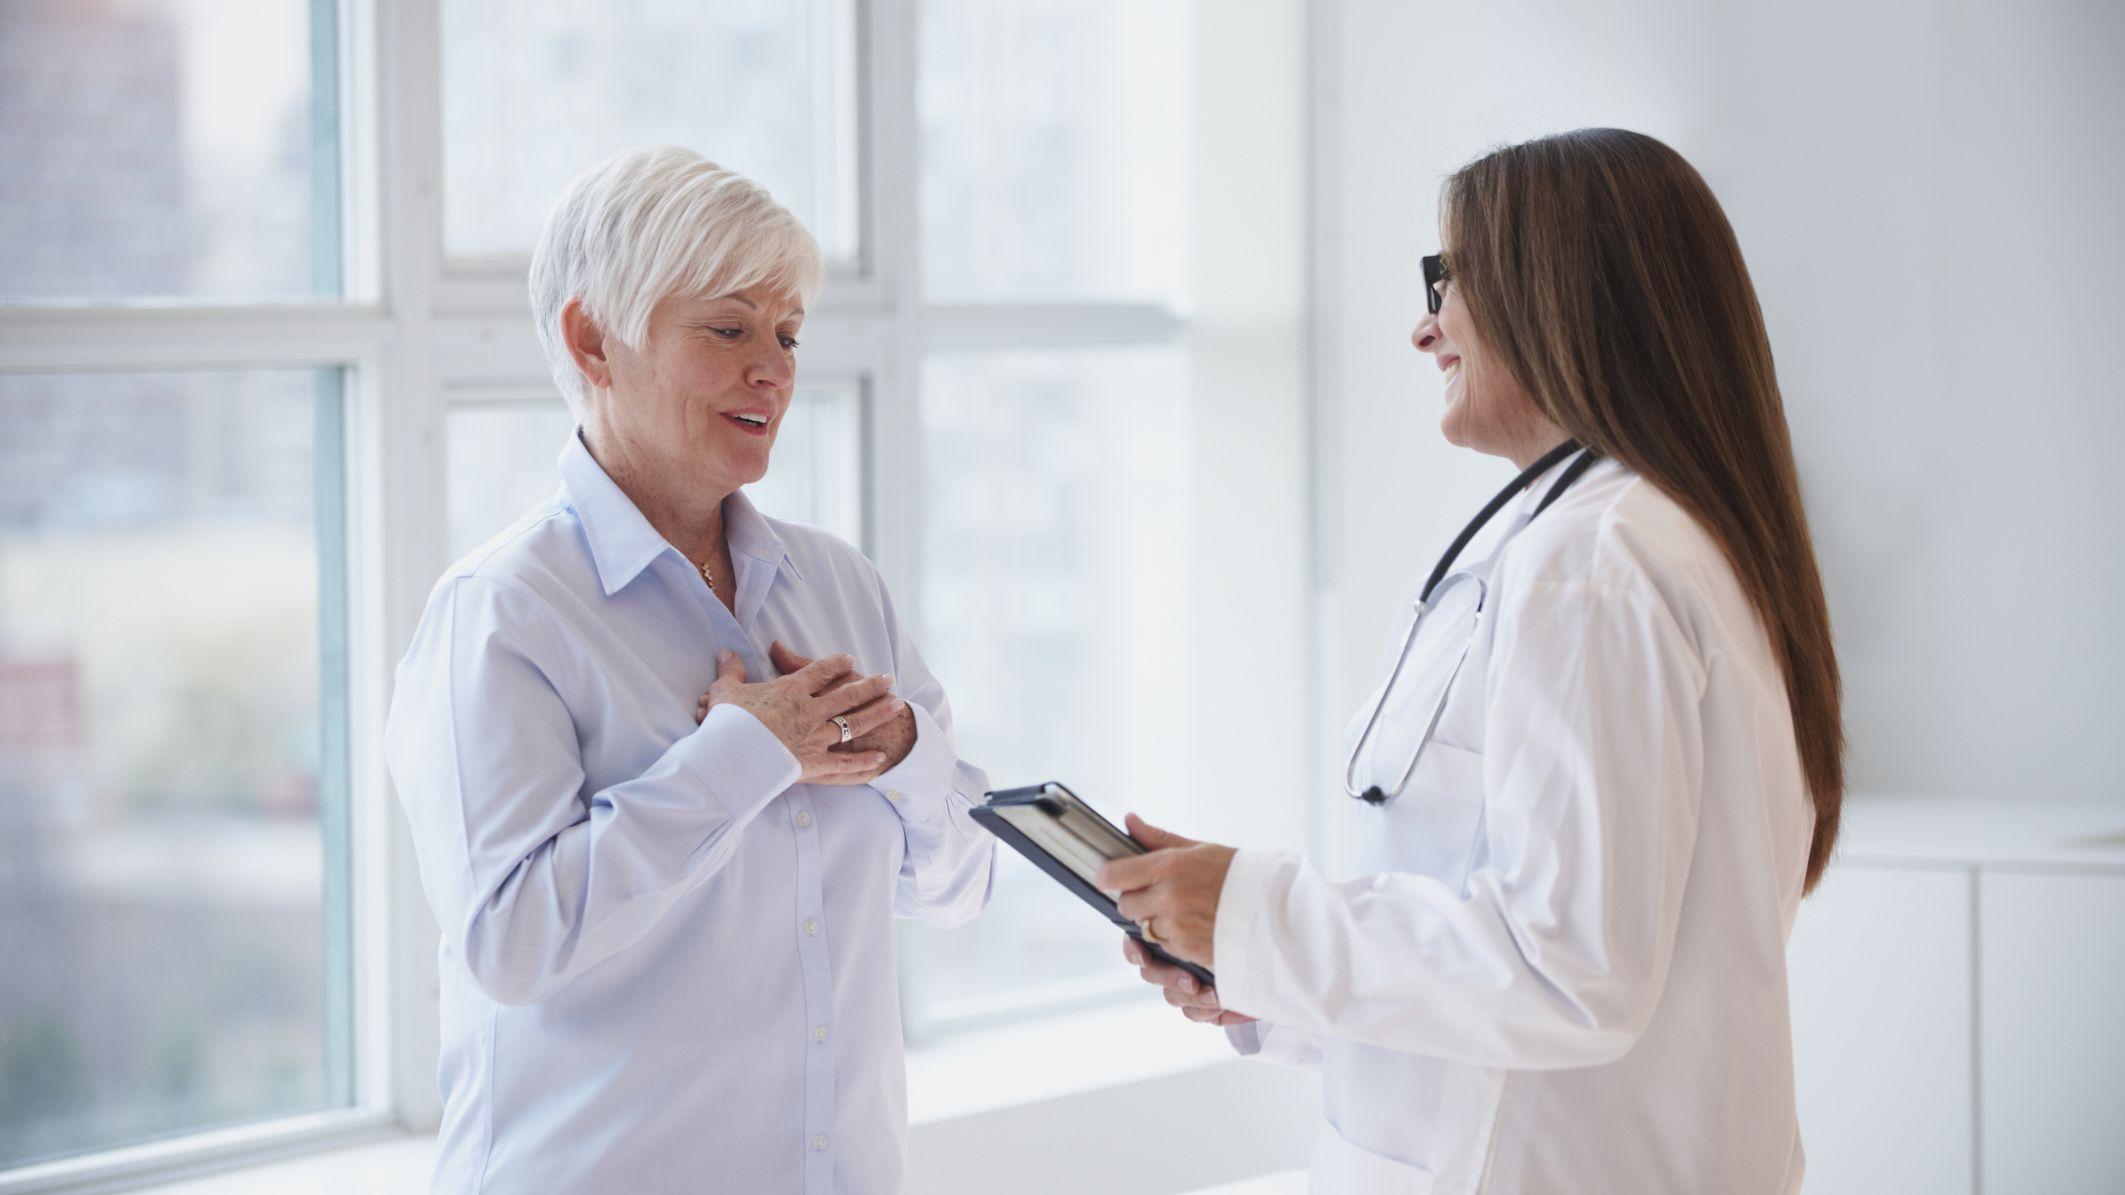 HÌnh ảnh nữ bác sĩ áo trắng đang trò chuyện với bệnh nhân về bệnh tình của họ